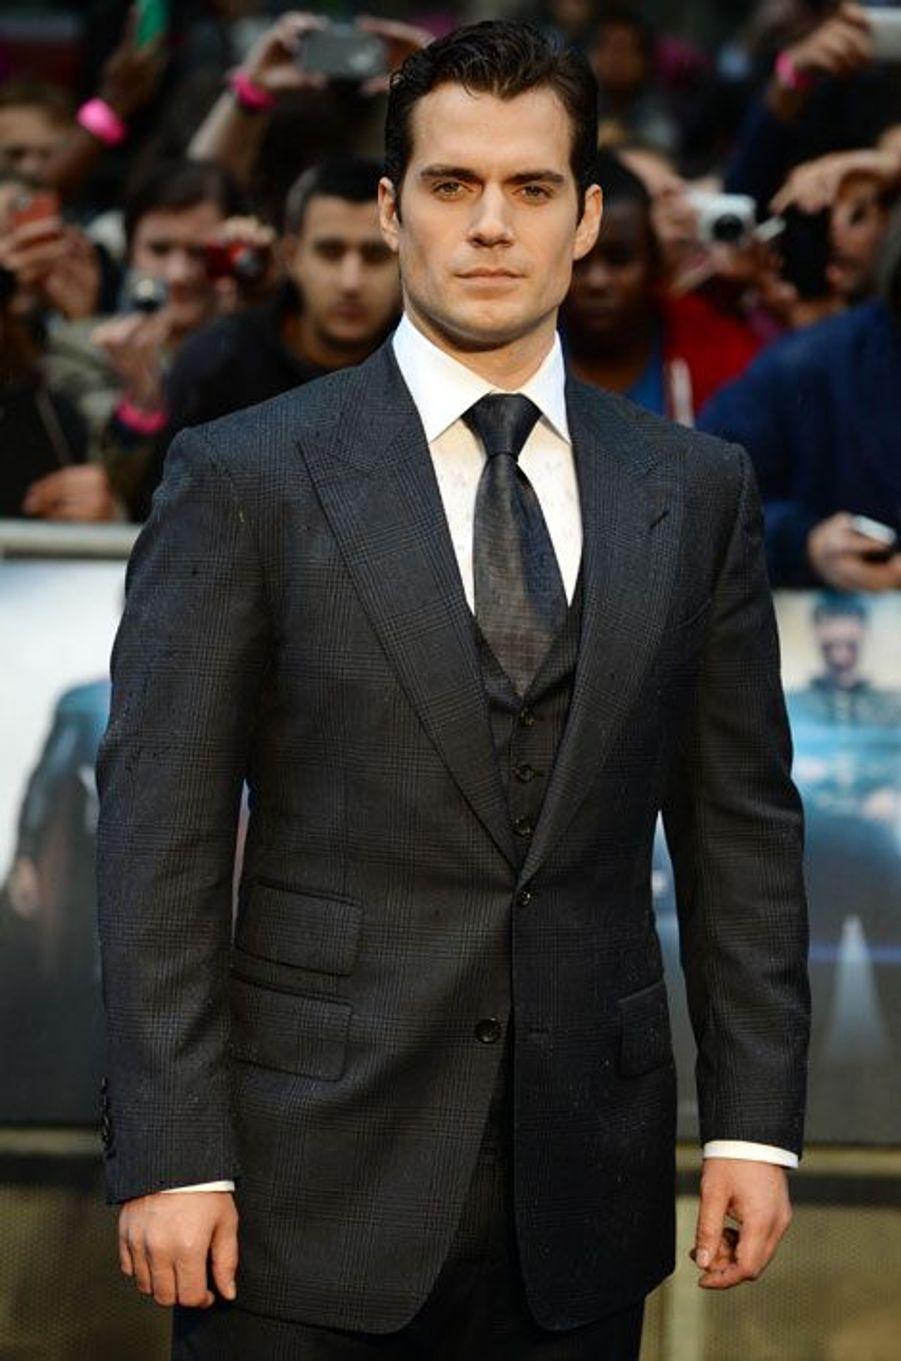 Il a la classe, le physique de l'emploi et l'adoration de la gent féminine. L'ex-malchanceux devenu superstar grâce à son rôle dans «Man of steel» a tout pour devenir le prochain 007. L'acteur britannique avait déjà postulé en 2005 pour devenir James Bond mais il fut battu par Daniel Craig, les producteurs l'ayant trouvé trop jeune pour le rôle. A 32 ans, Henry Cavill tient peut-être sa revanche.